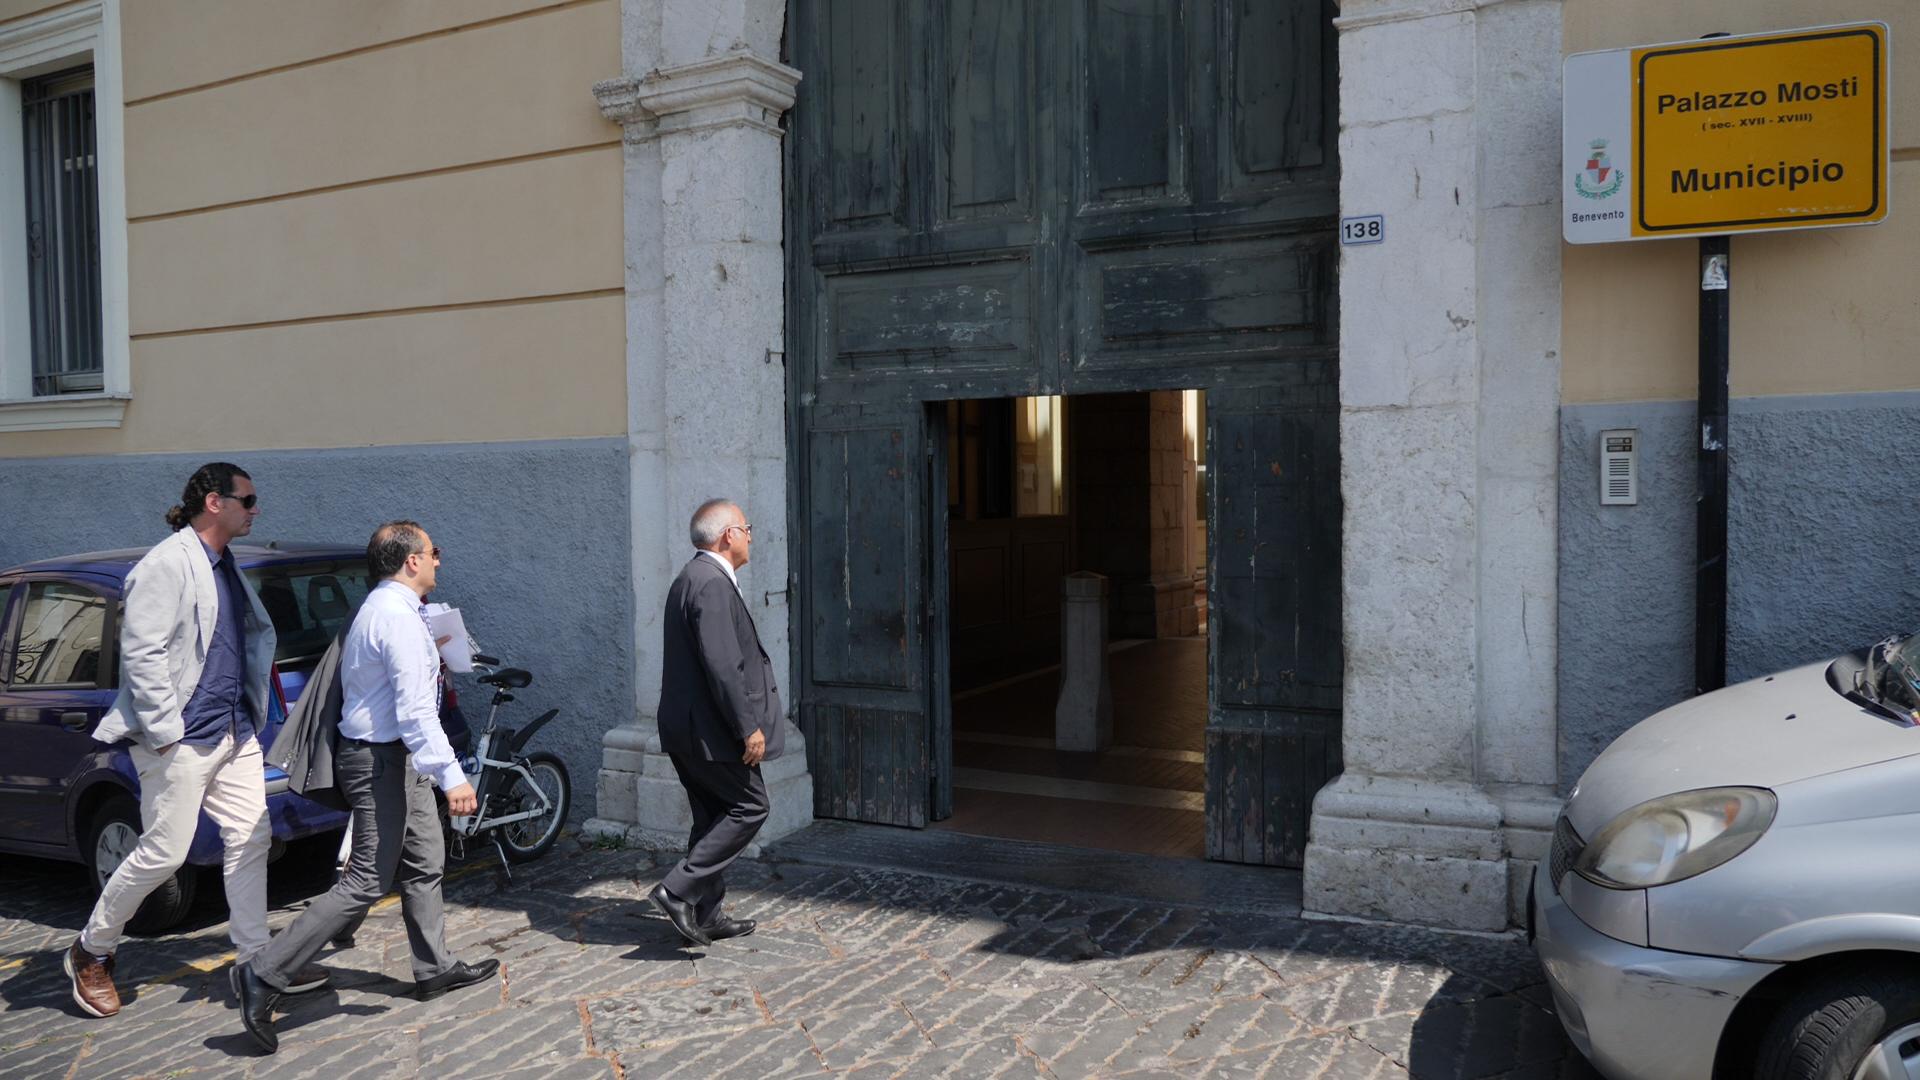 Incontro a Palazzo Mosti su questione stadio 3